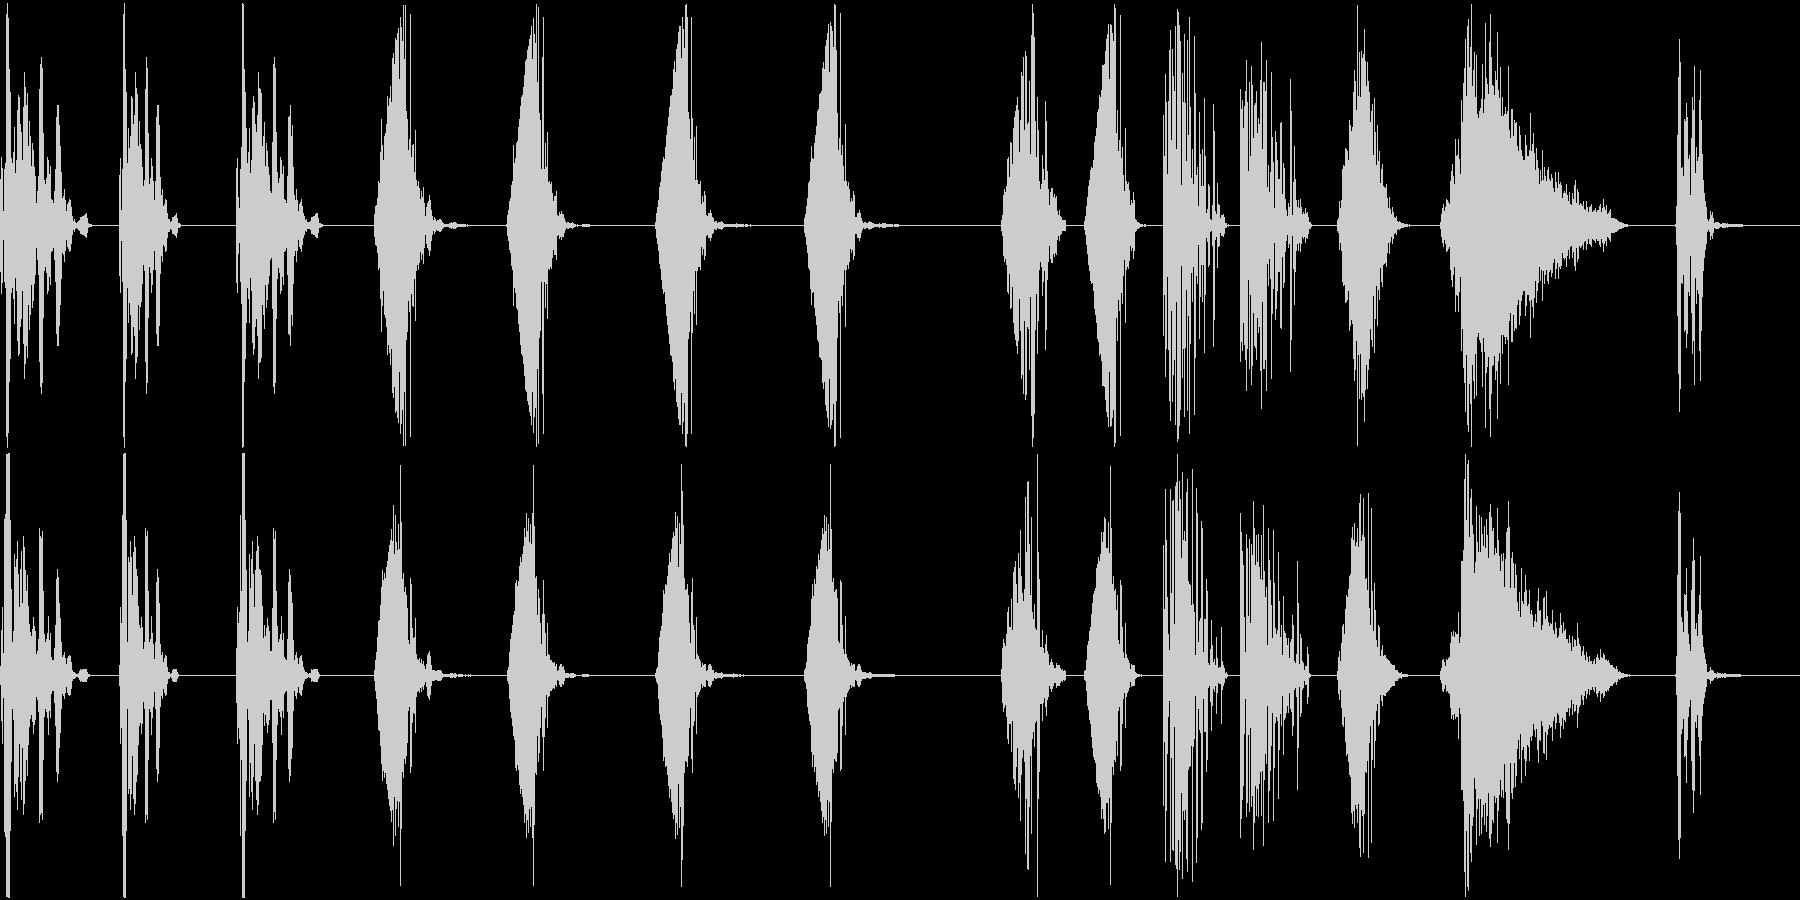 さまざまな電子レーザーレーザーブラ...の未再生の波形